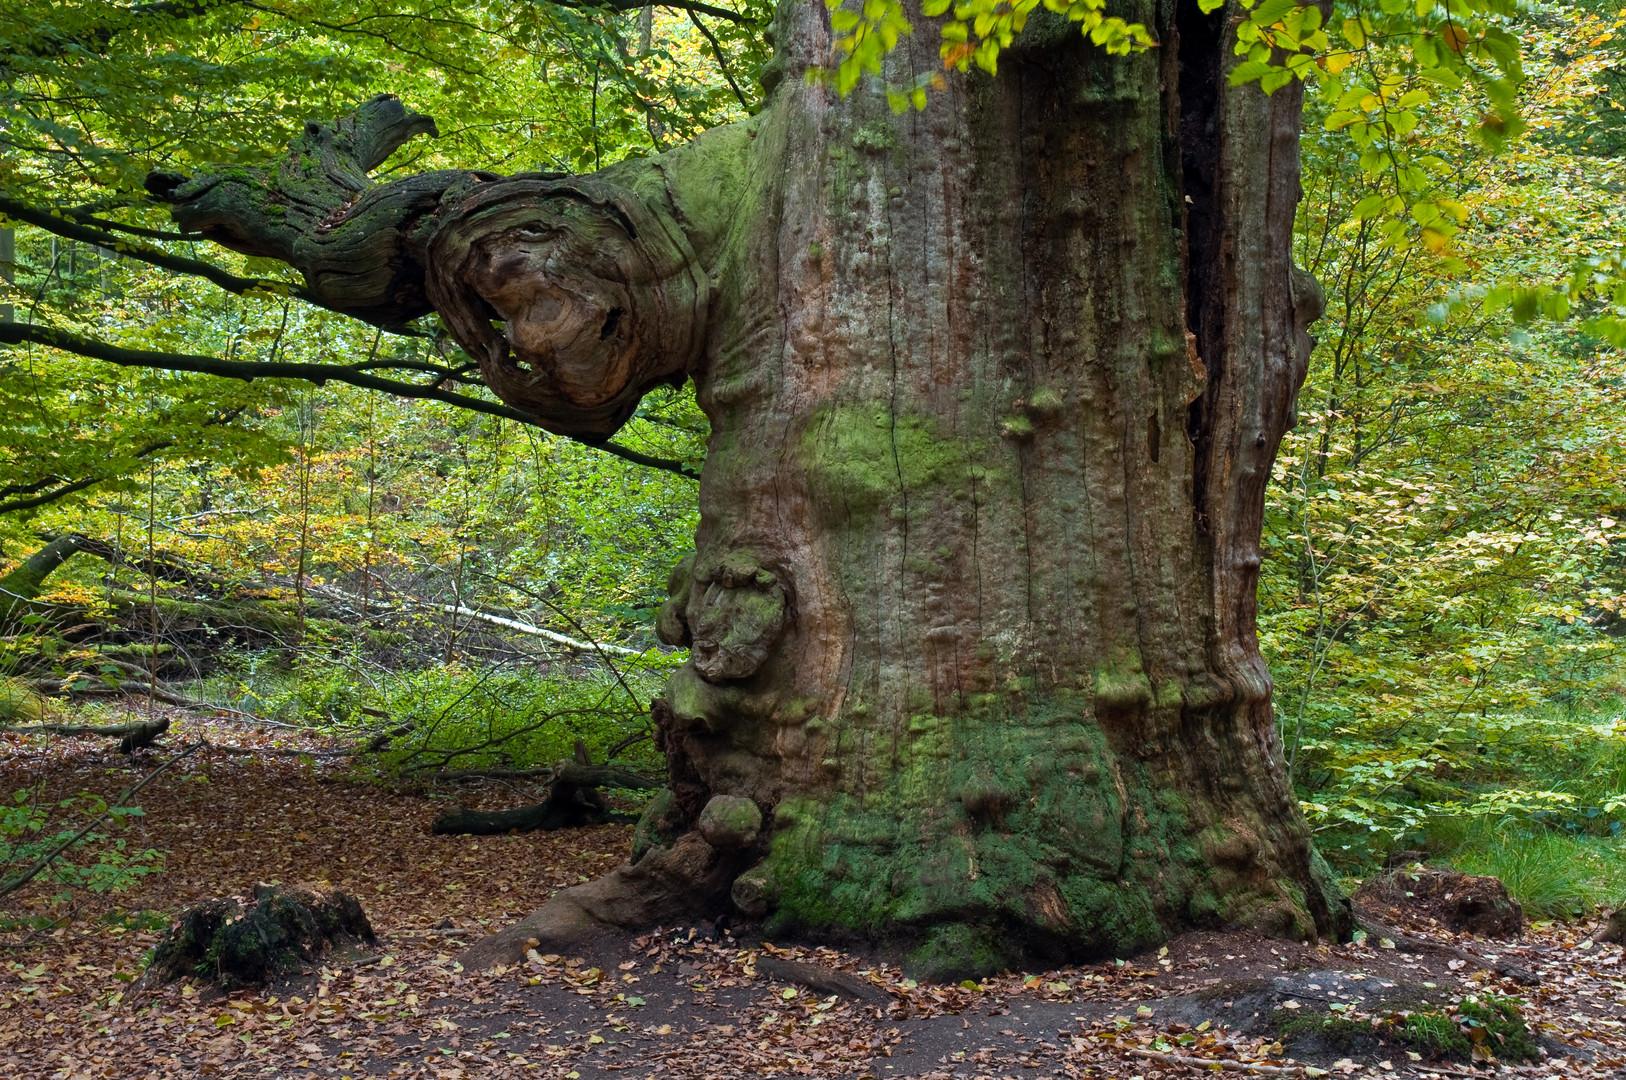 Trolle im Baum